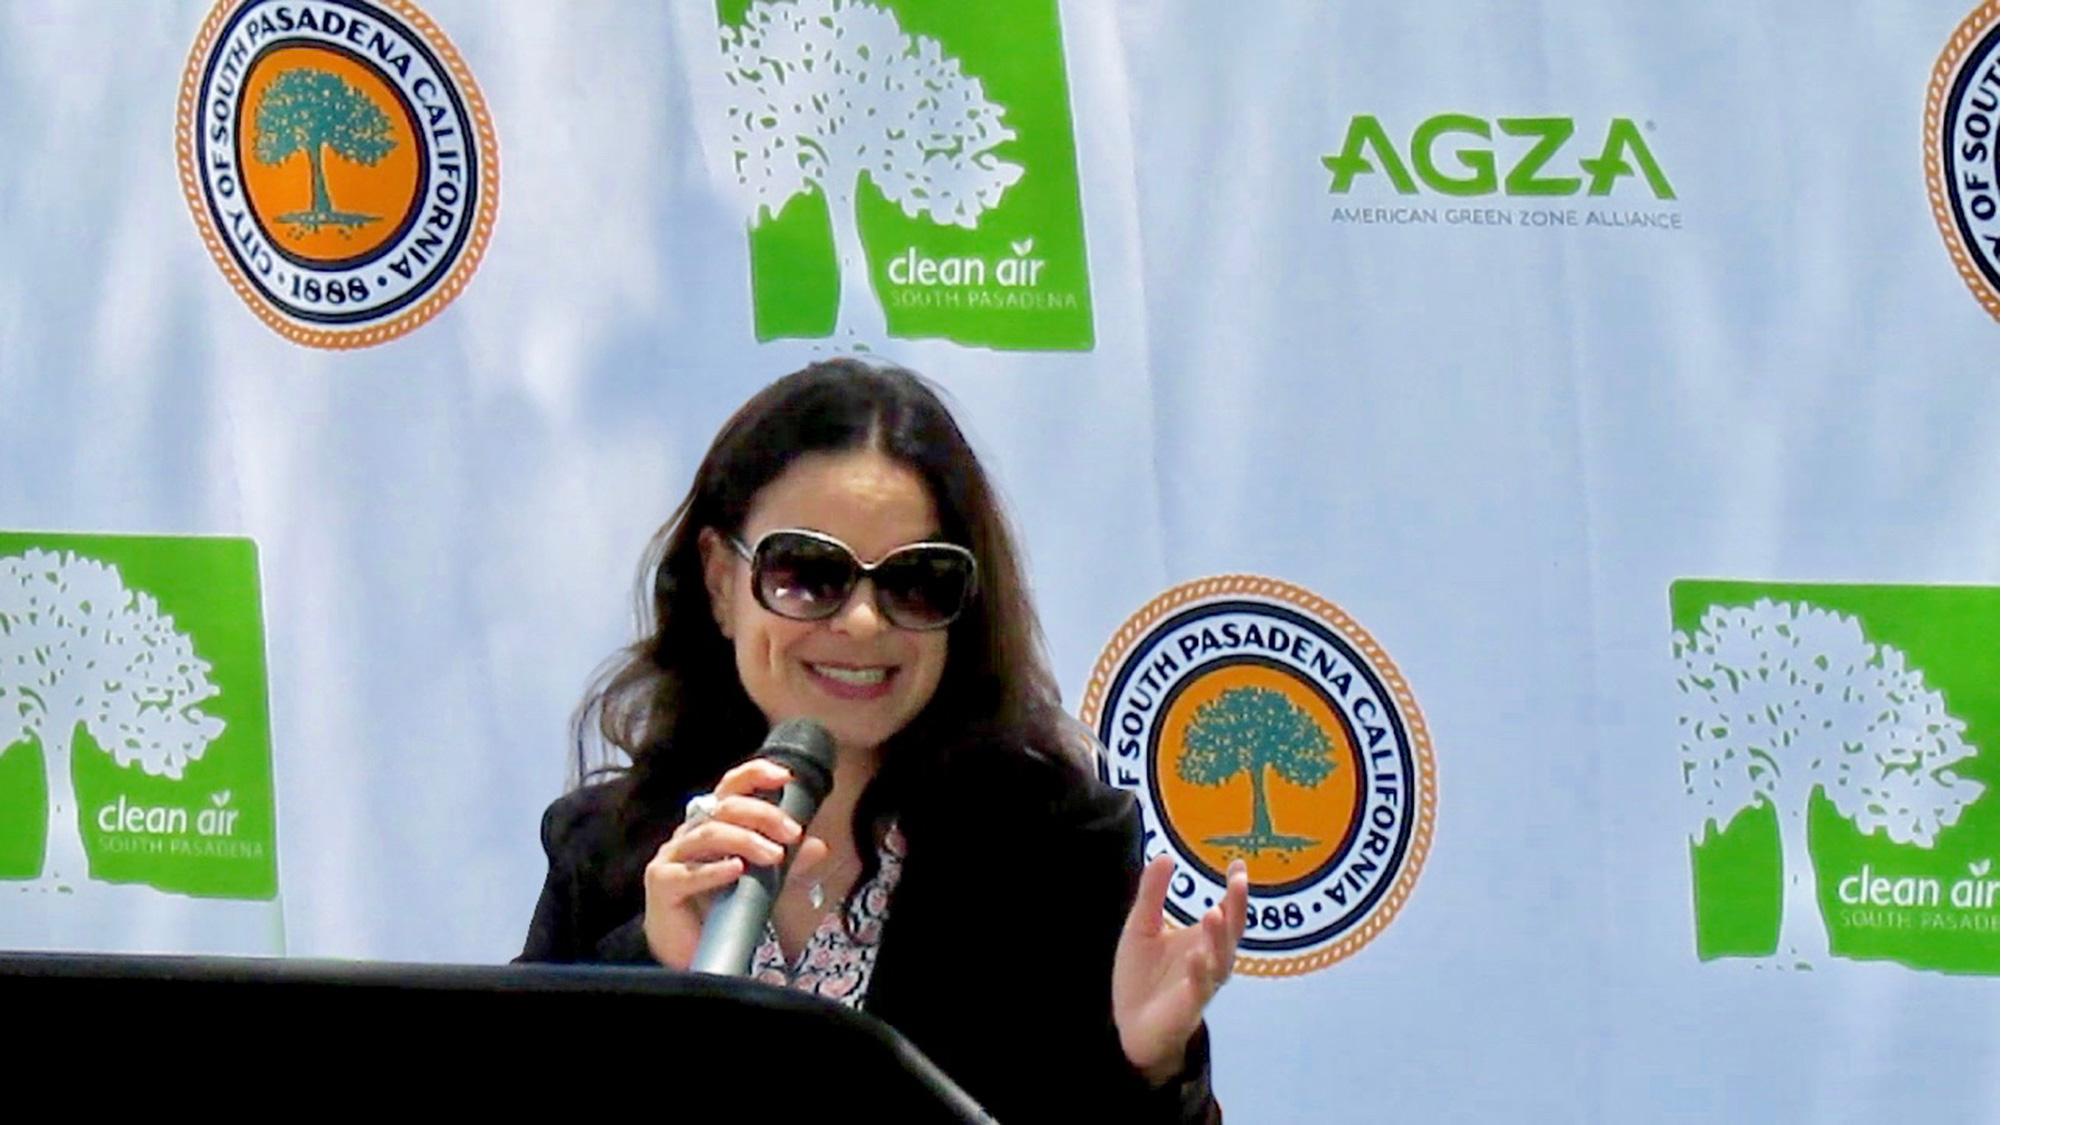 AGZA_GZ_ASGC_speaker_Nidia_Erceg_close_2000_margin.jpg